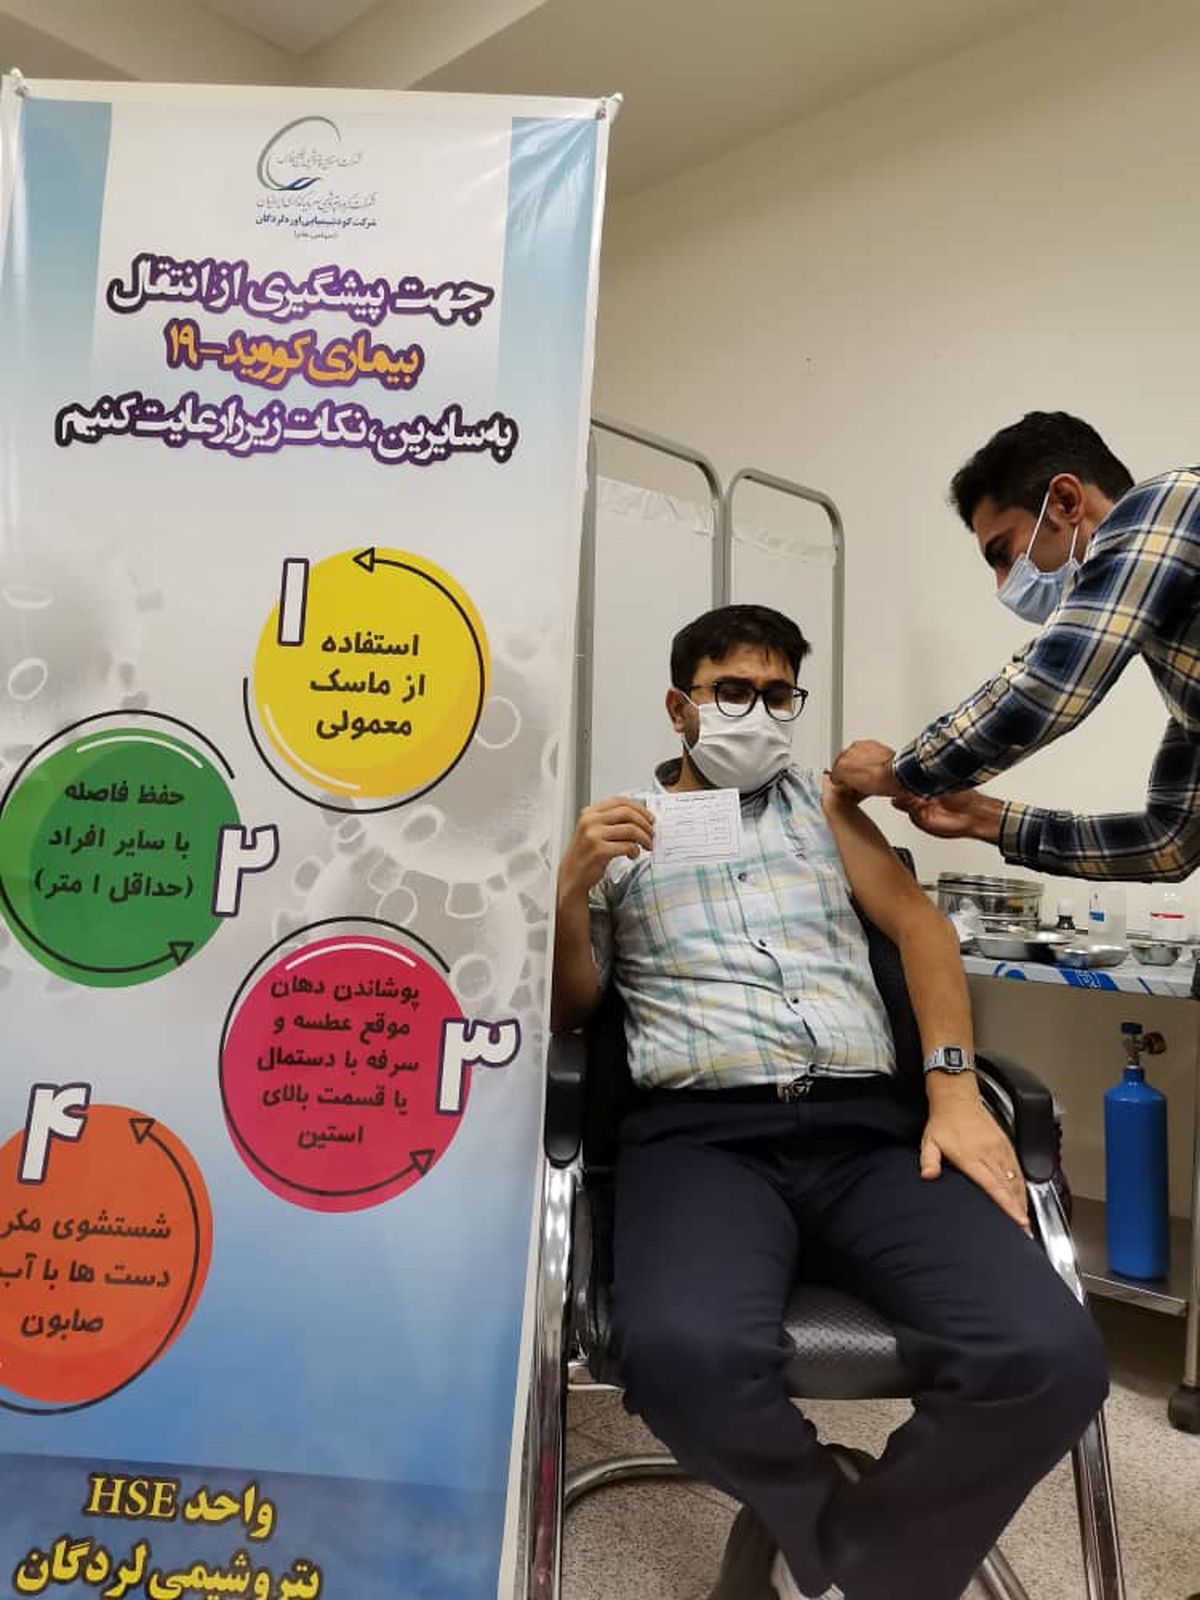 اولین مرحله واکسیناسیون کارکنان پتروشیمی لردگان، انجام شد